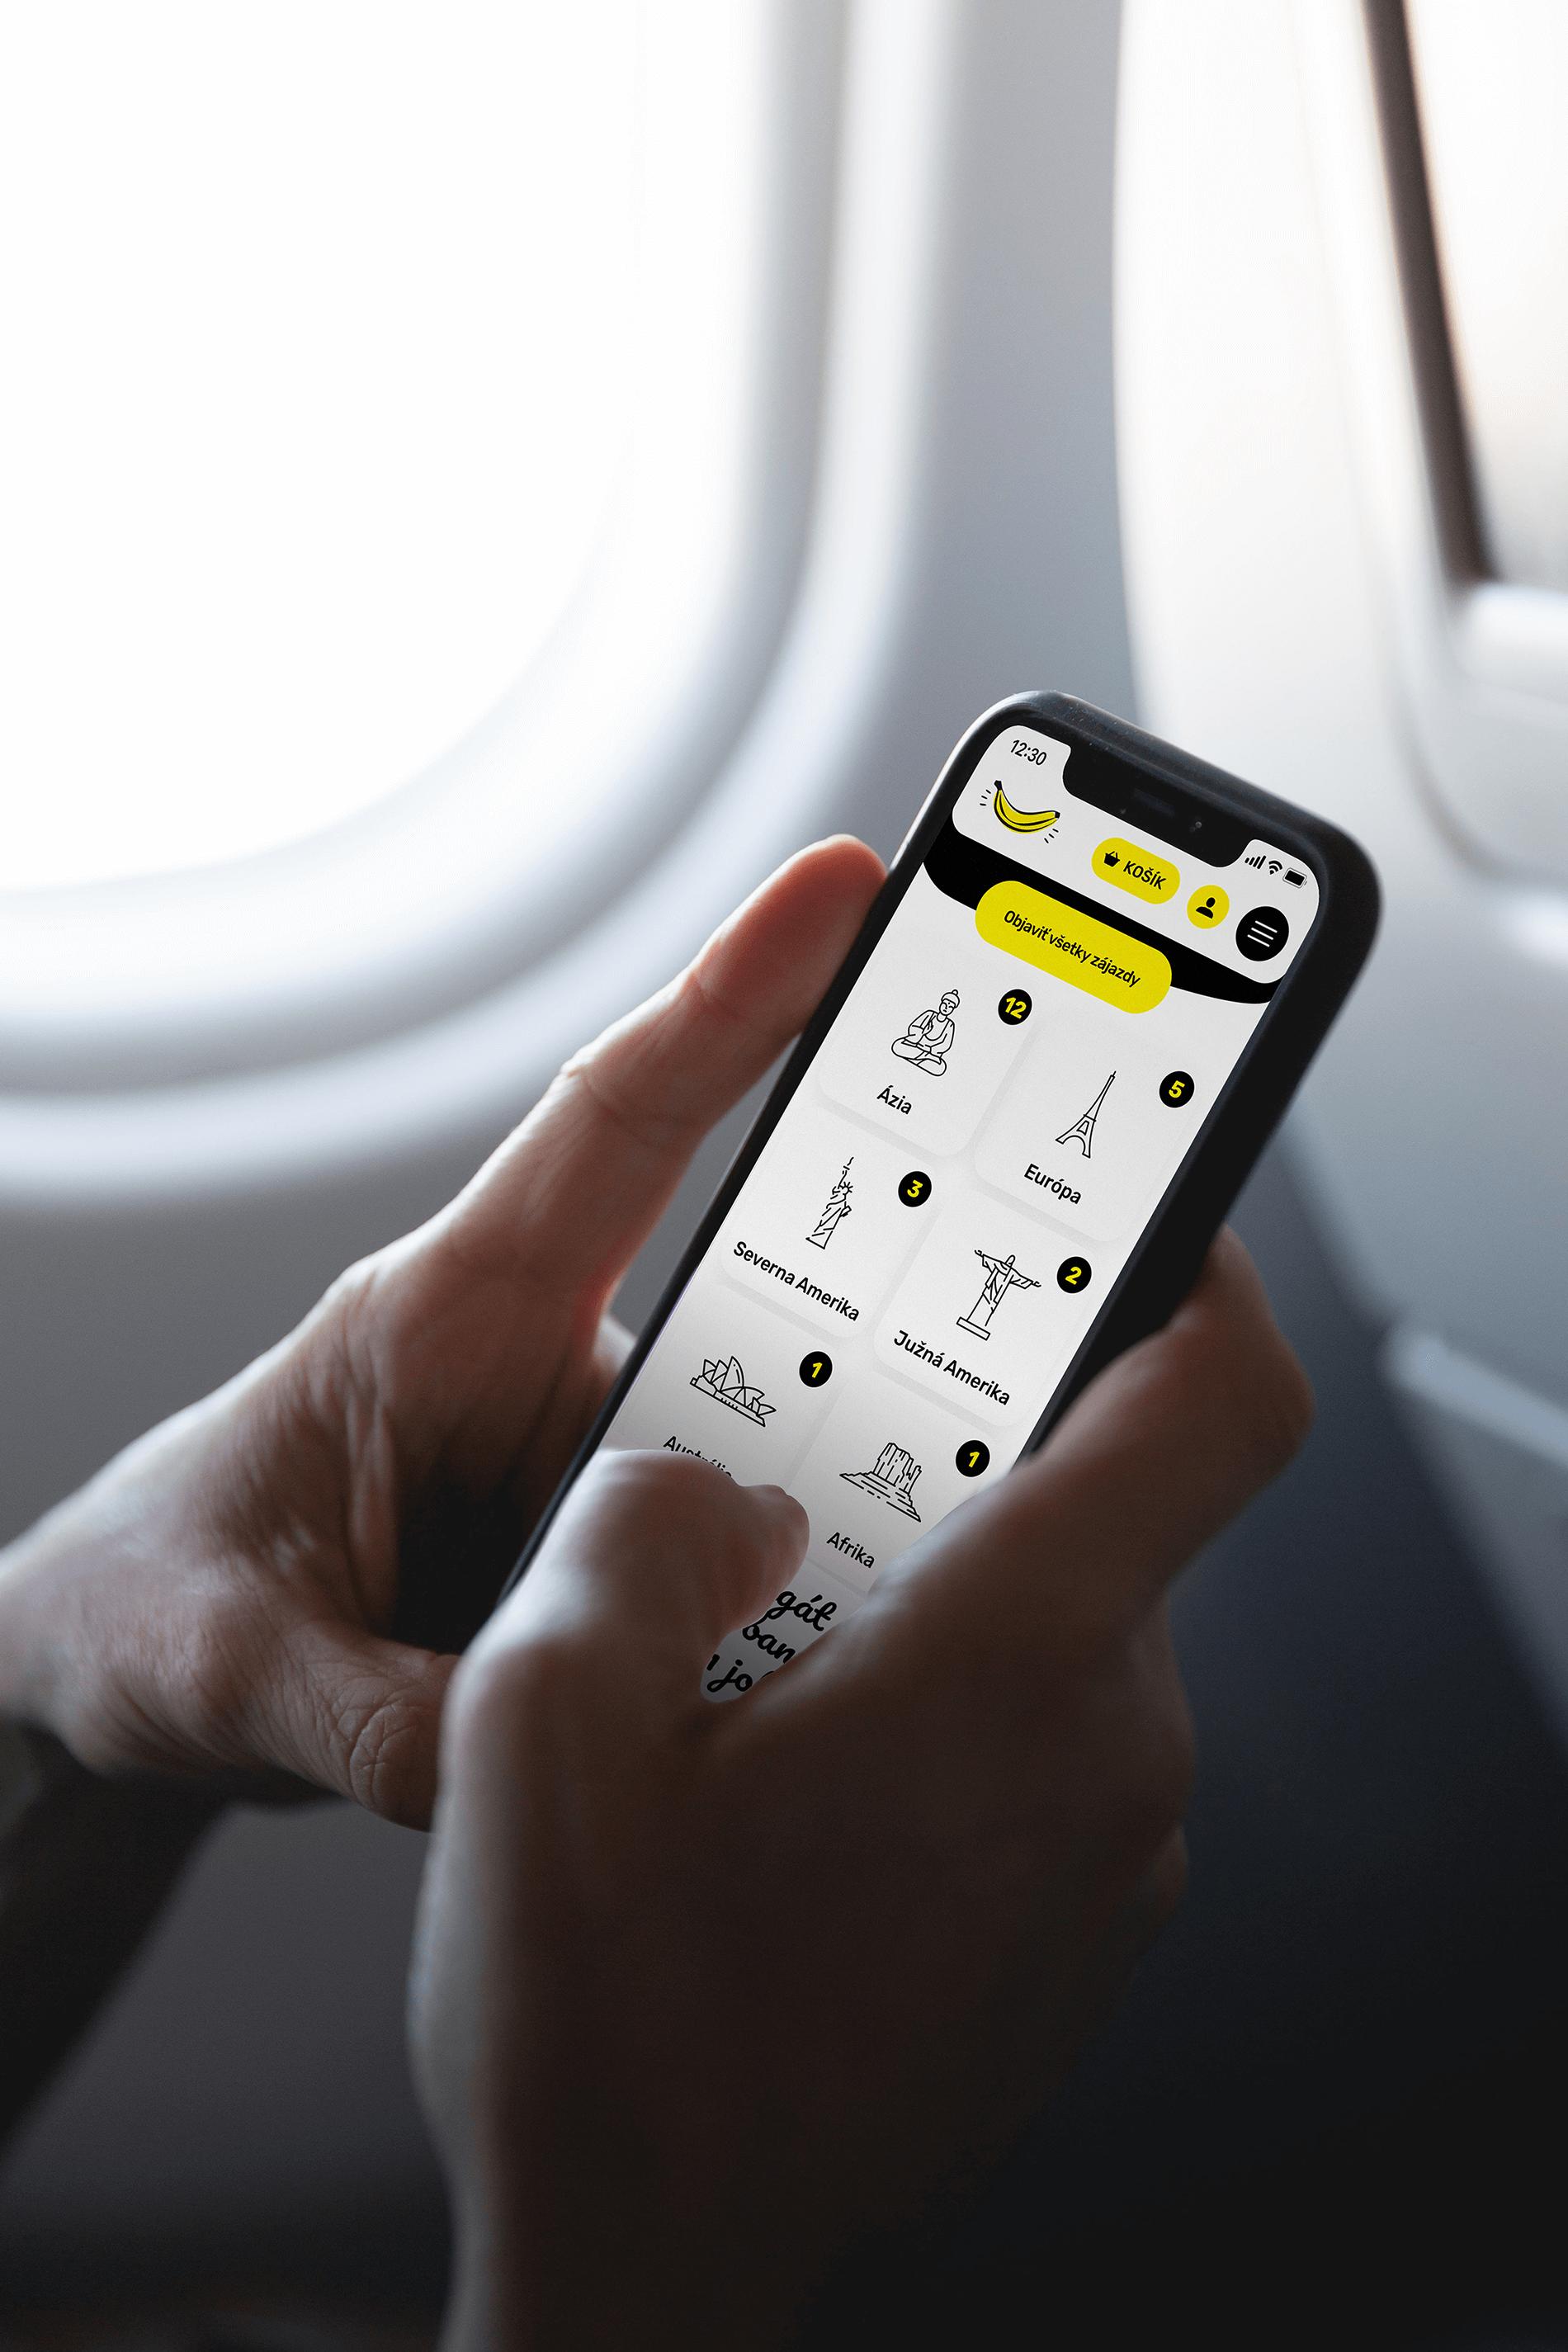 Pohled na ruce držící mobilní telefon při letu v letadle.